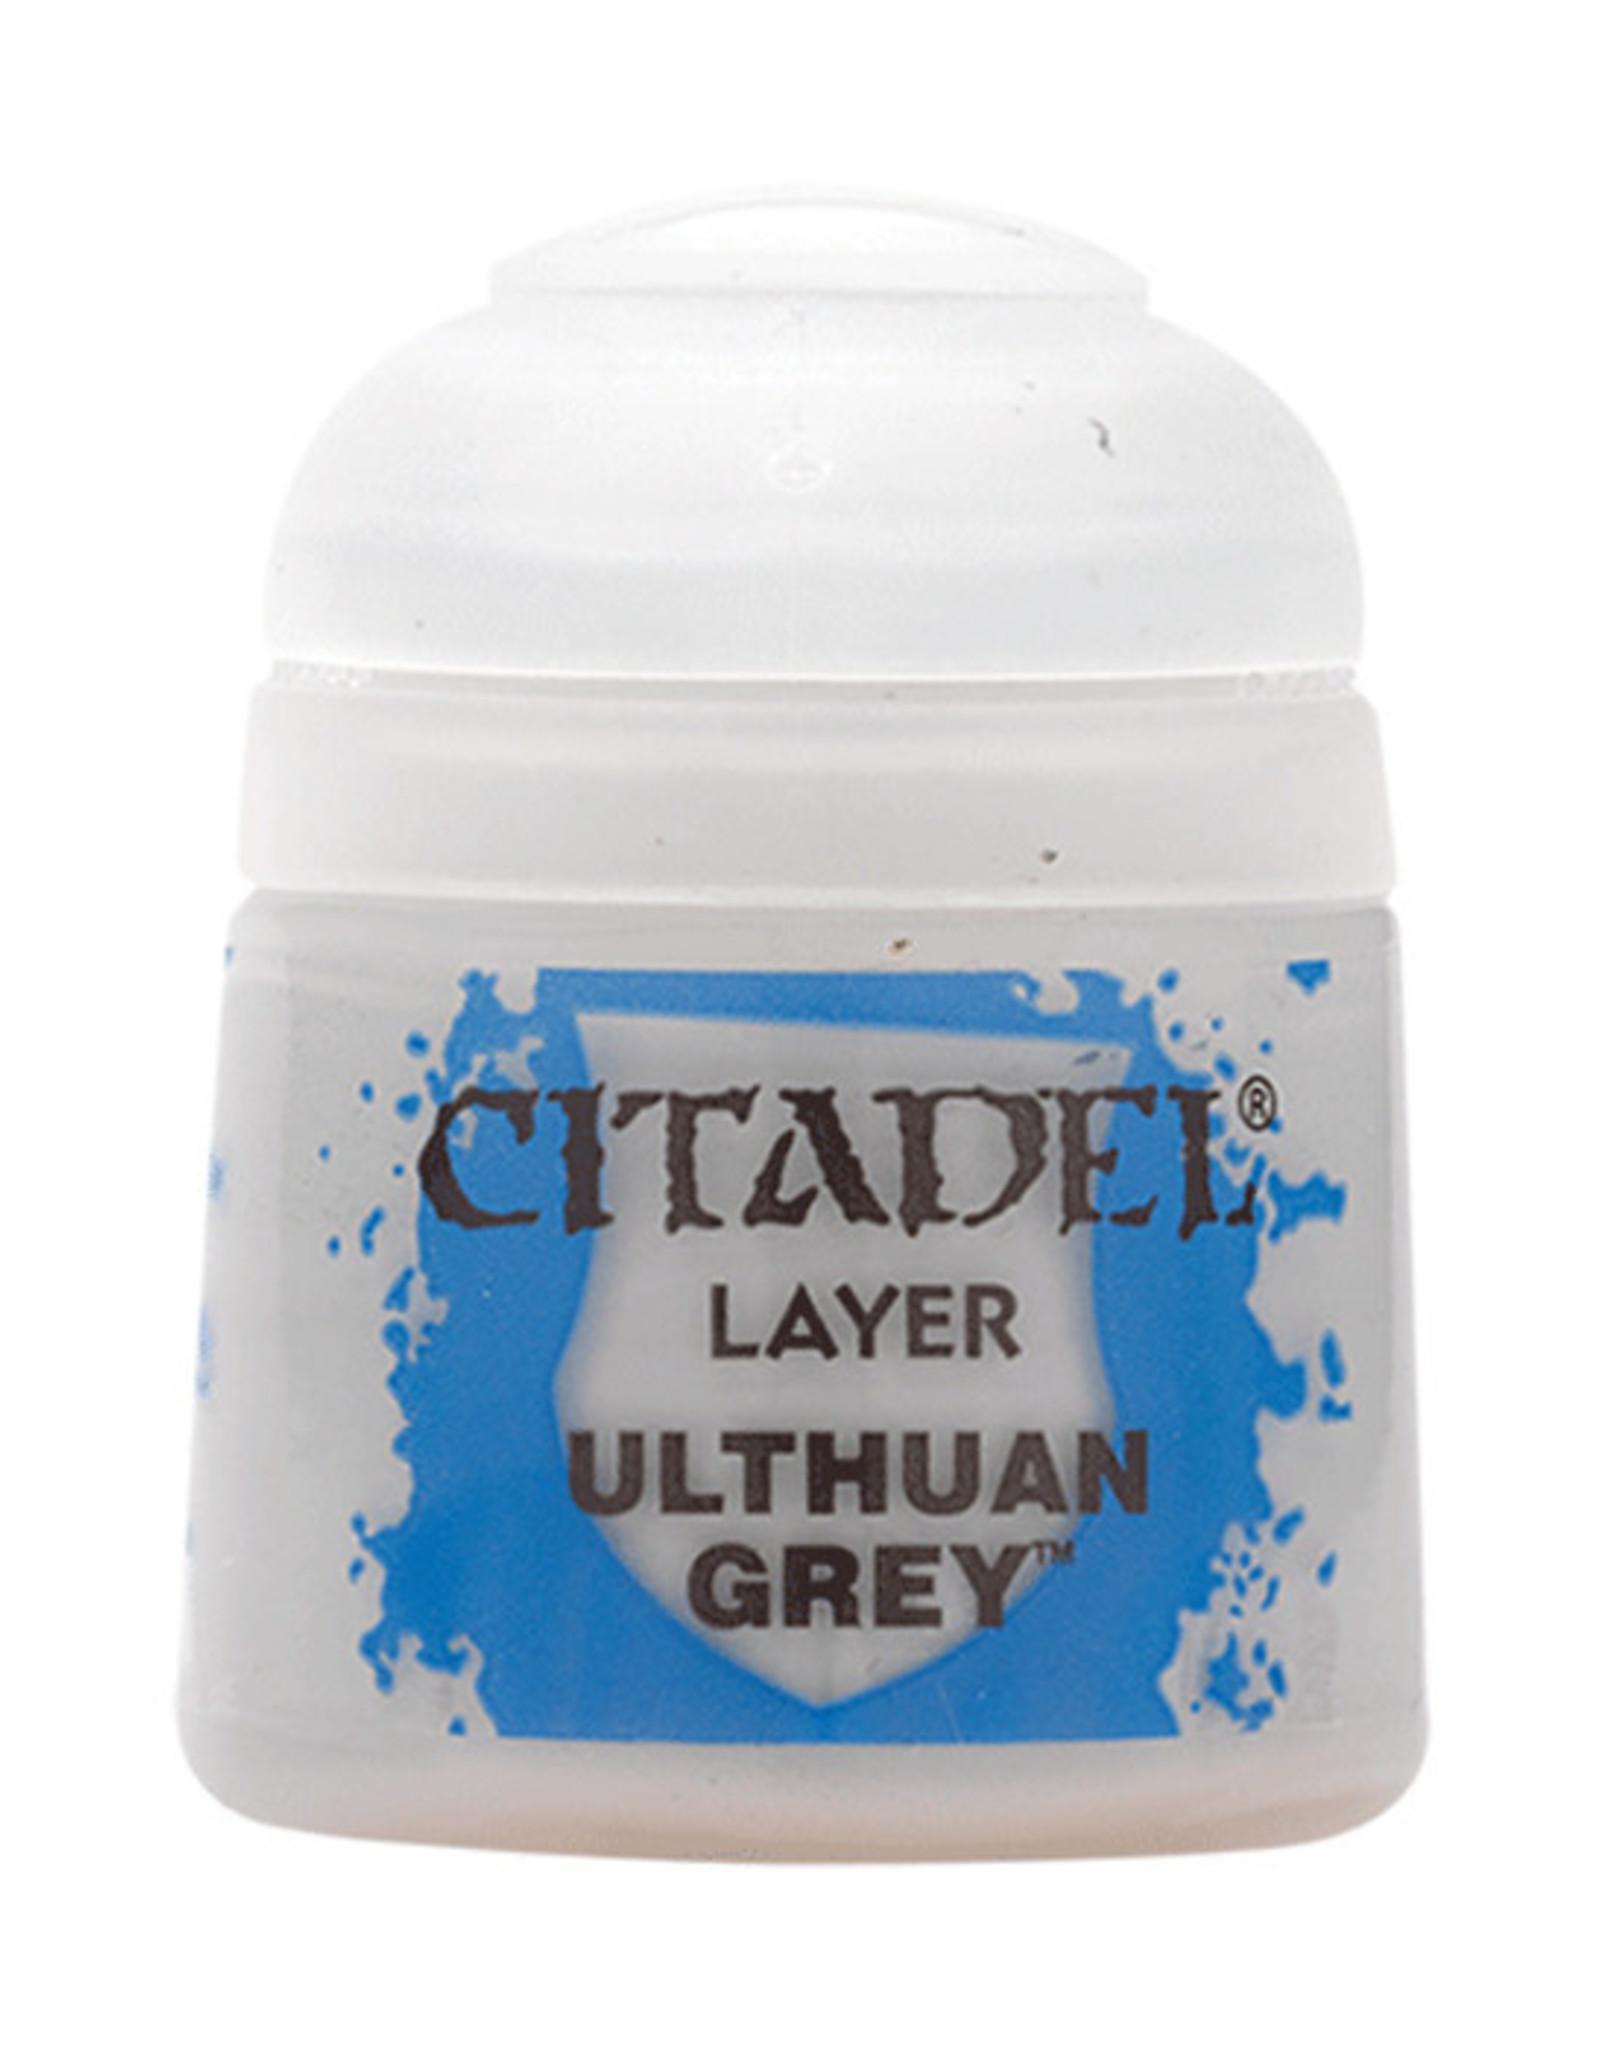 Citadel Citadel Colour: Layer - Ulthuan Grey